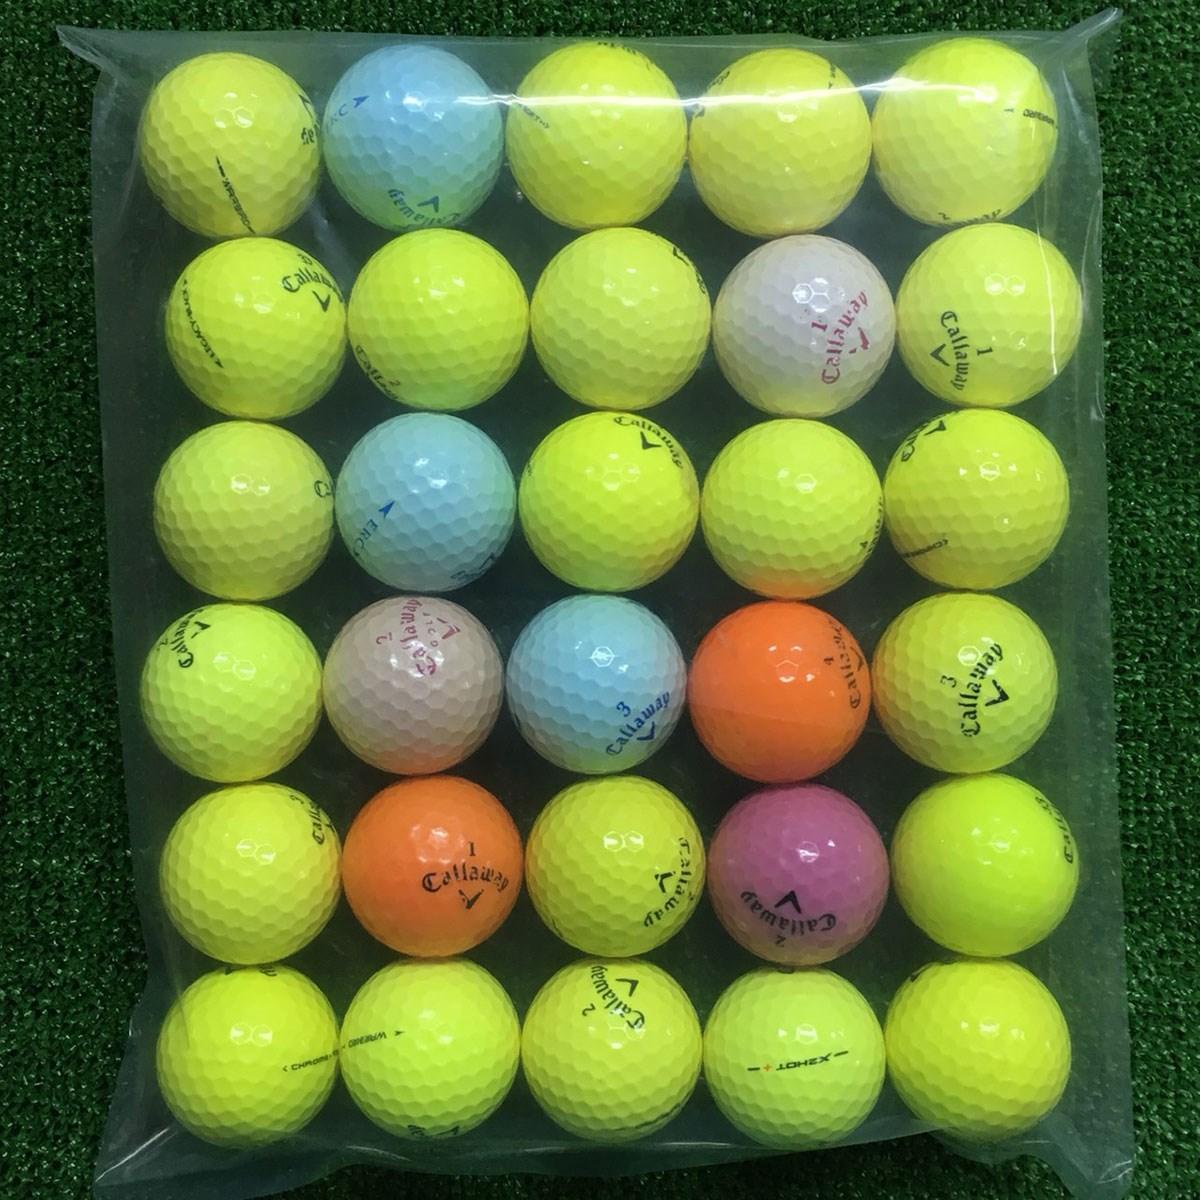 ロストボール Callaway 混合 ボール 30個セット